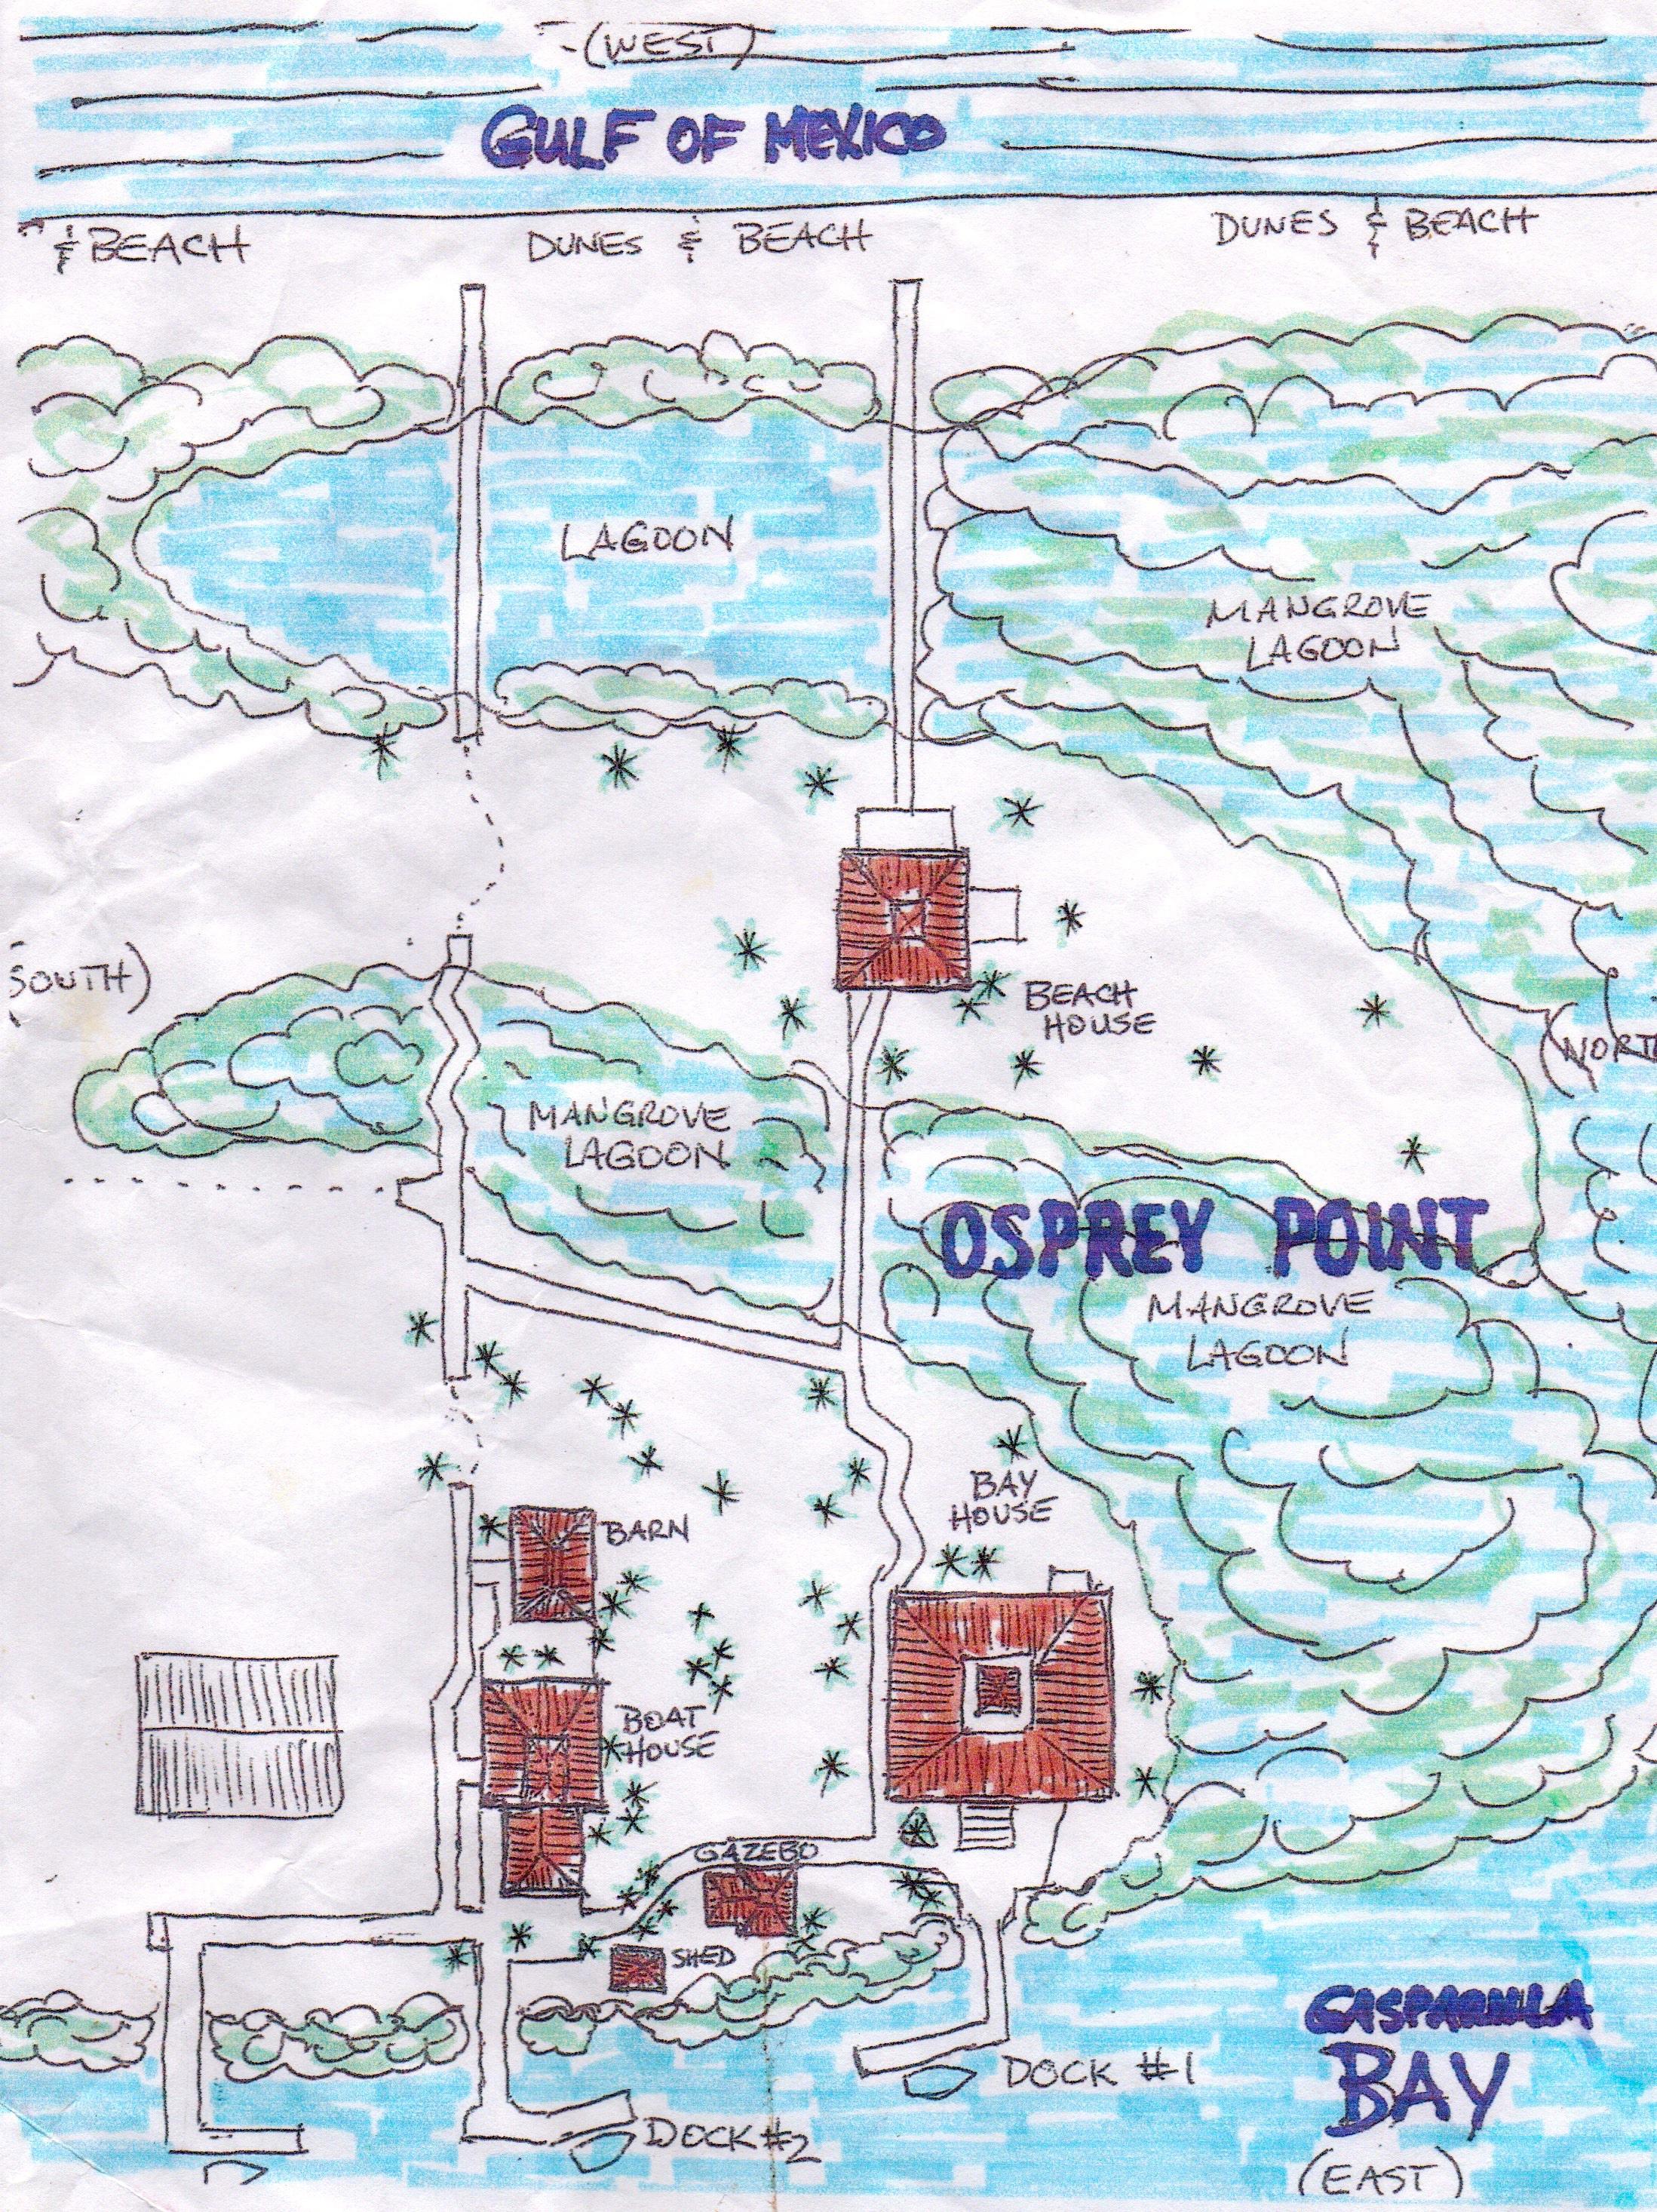 Map of Gasparilla Getaways